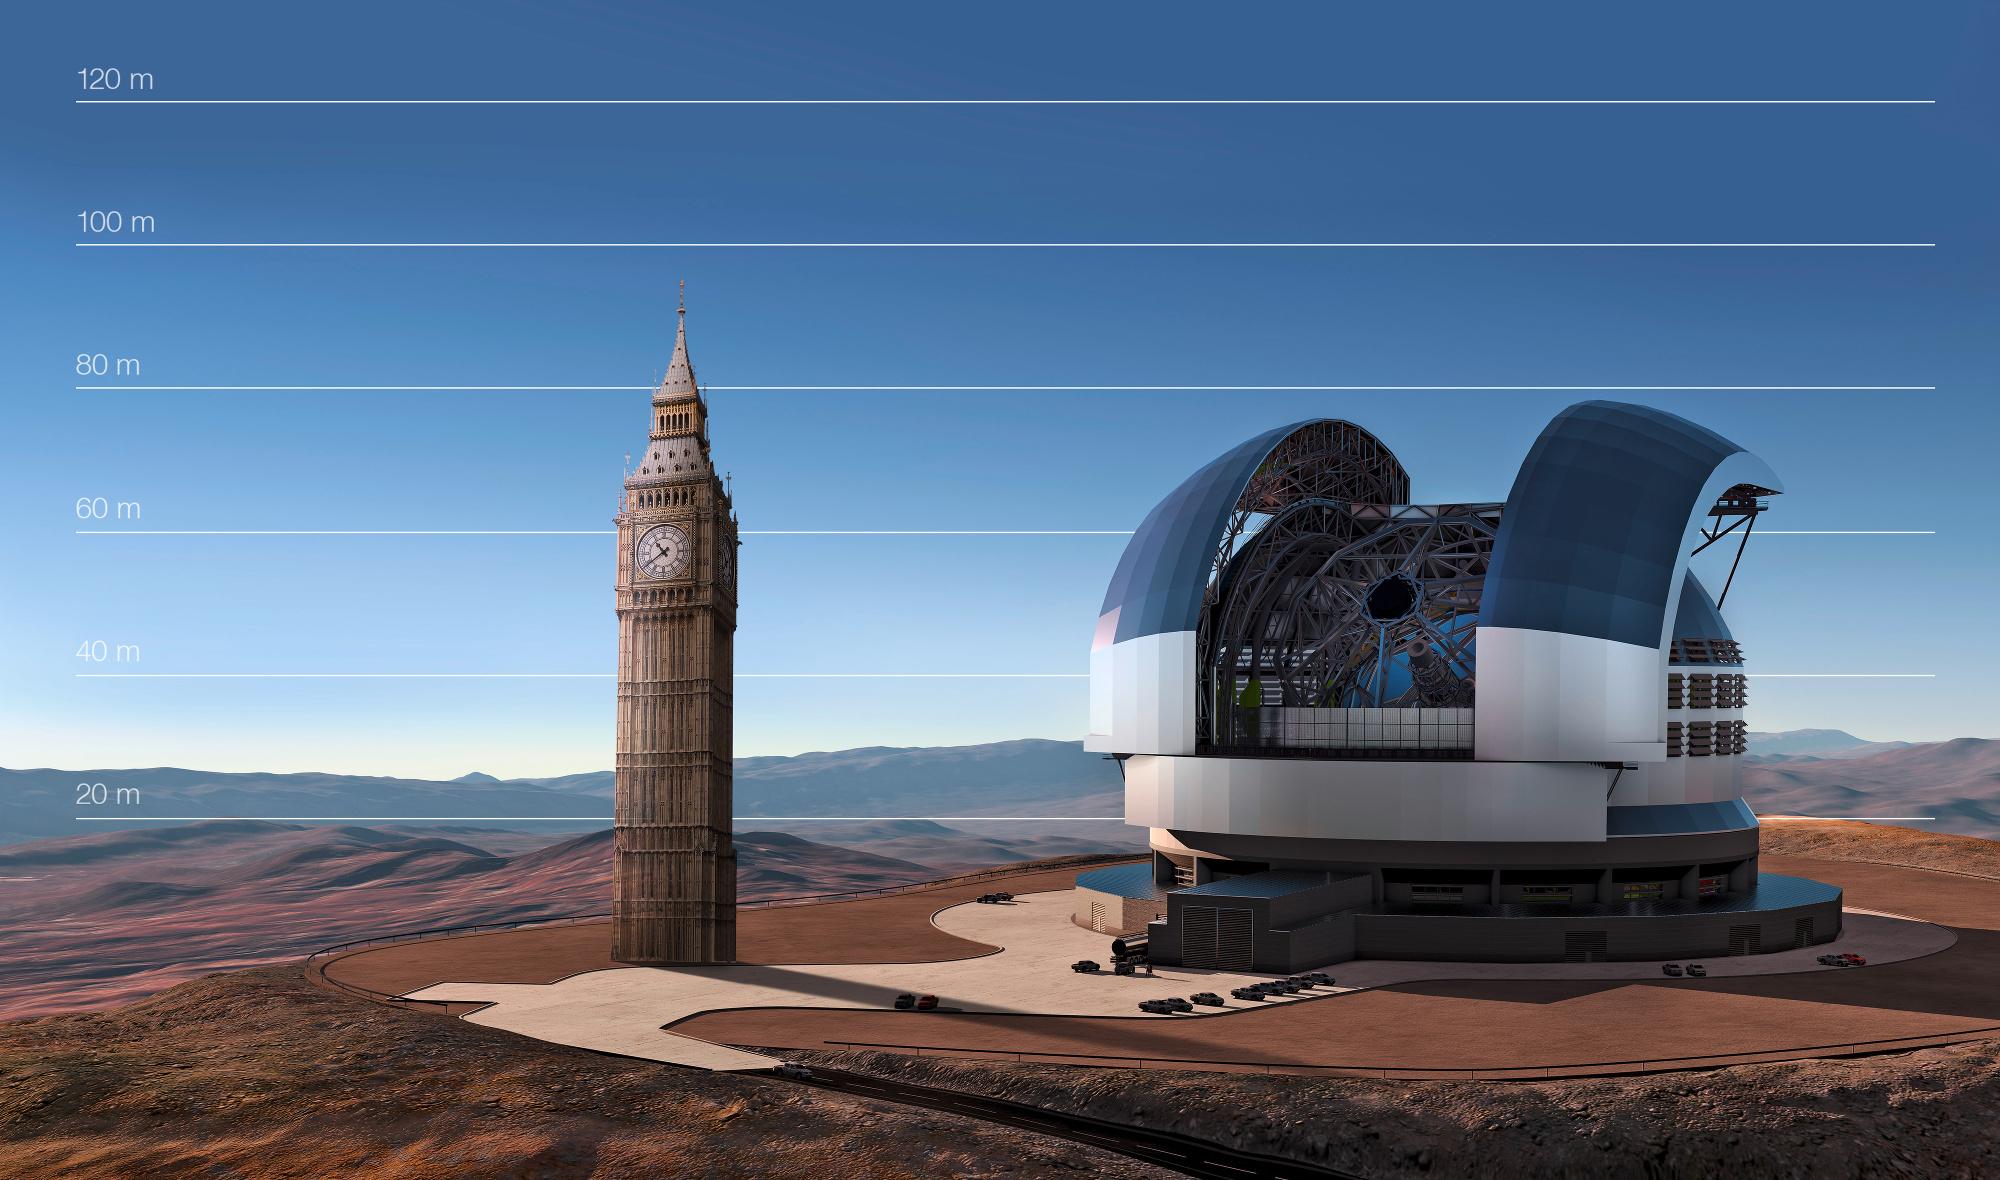 perierga.gr -  Άρχισε η κατασκευή του μεγαλύτερου τηλεσκοπίου στον κόσμο!